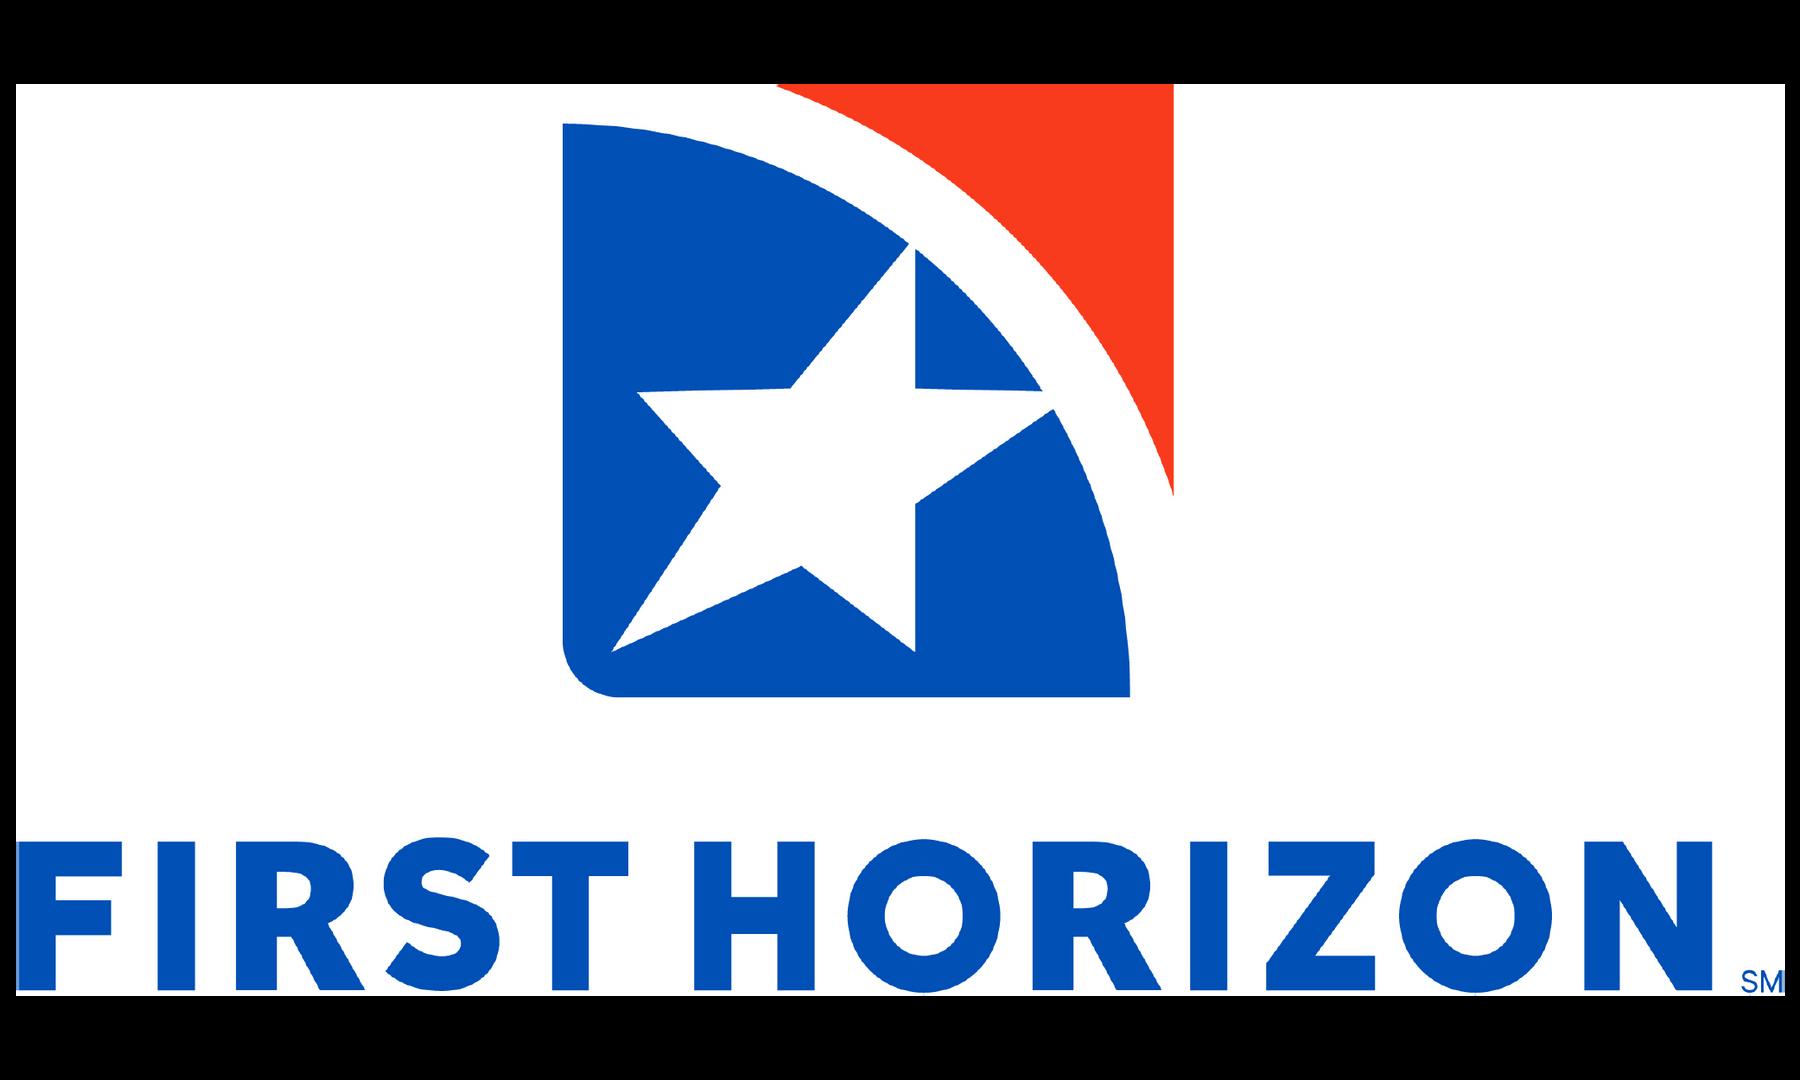 firsthorizon-01.png